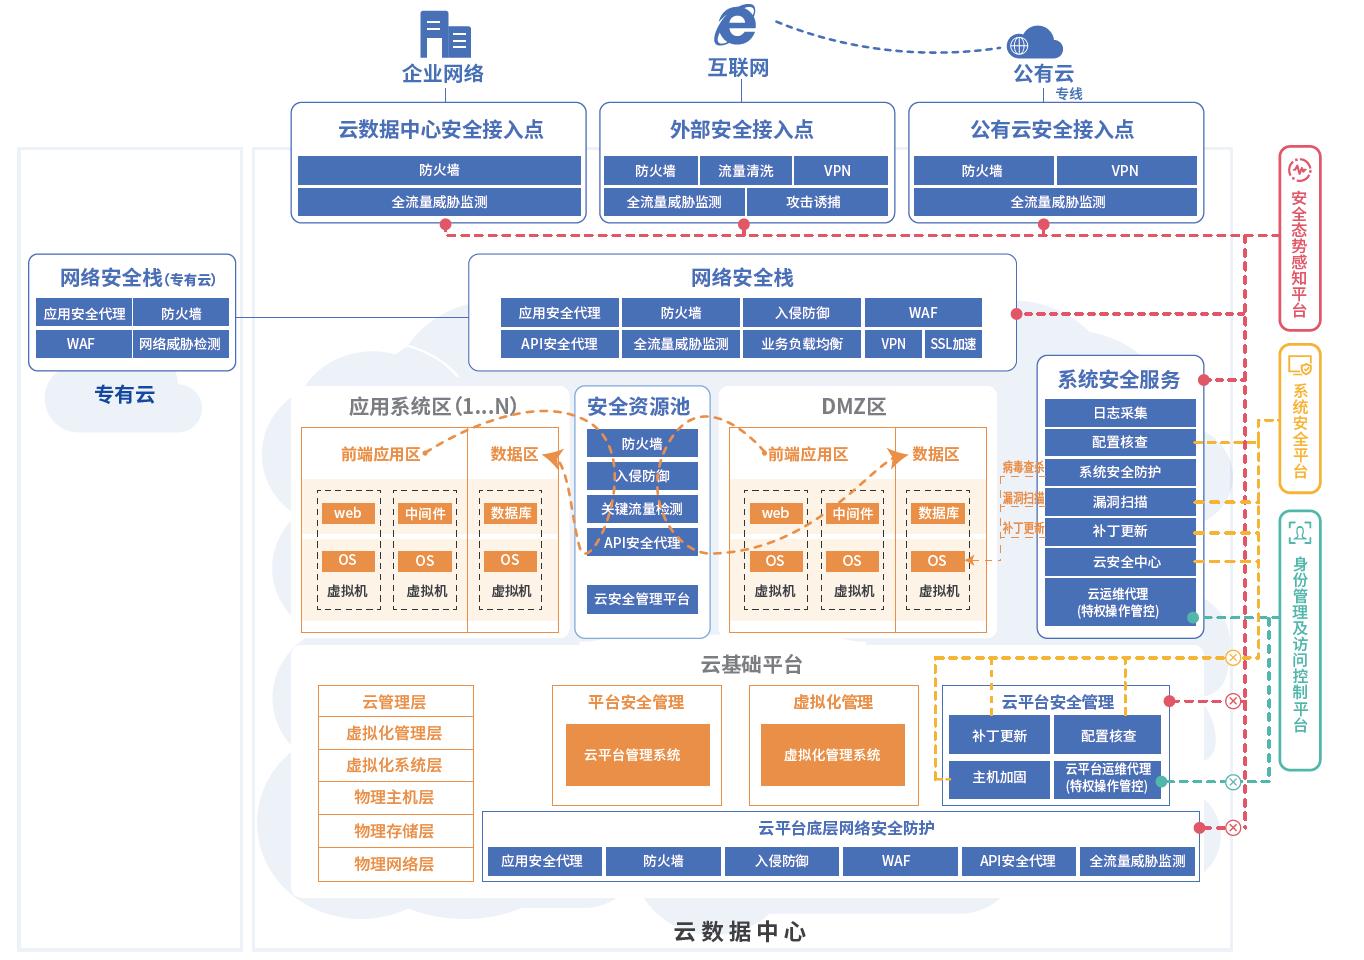 央企云数据中心安全建设解决方案